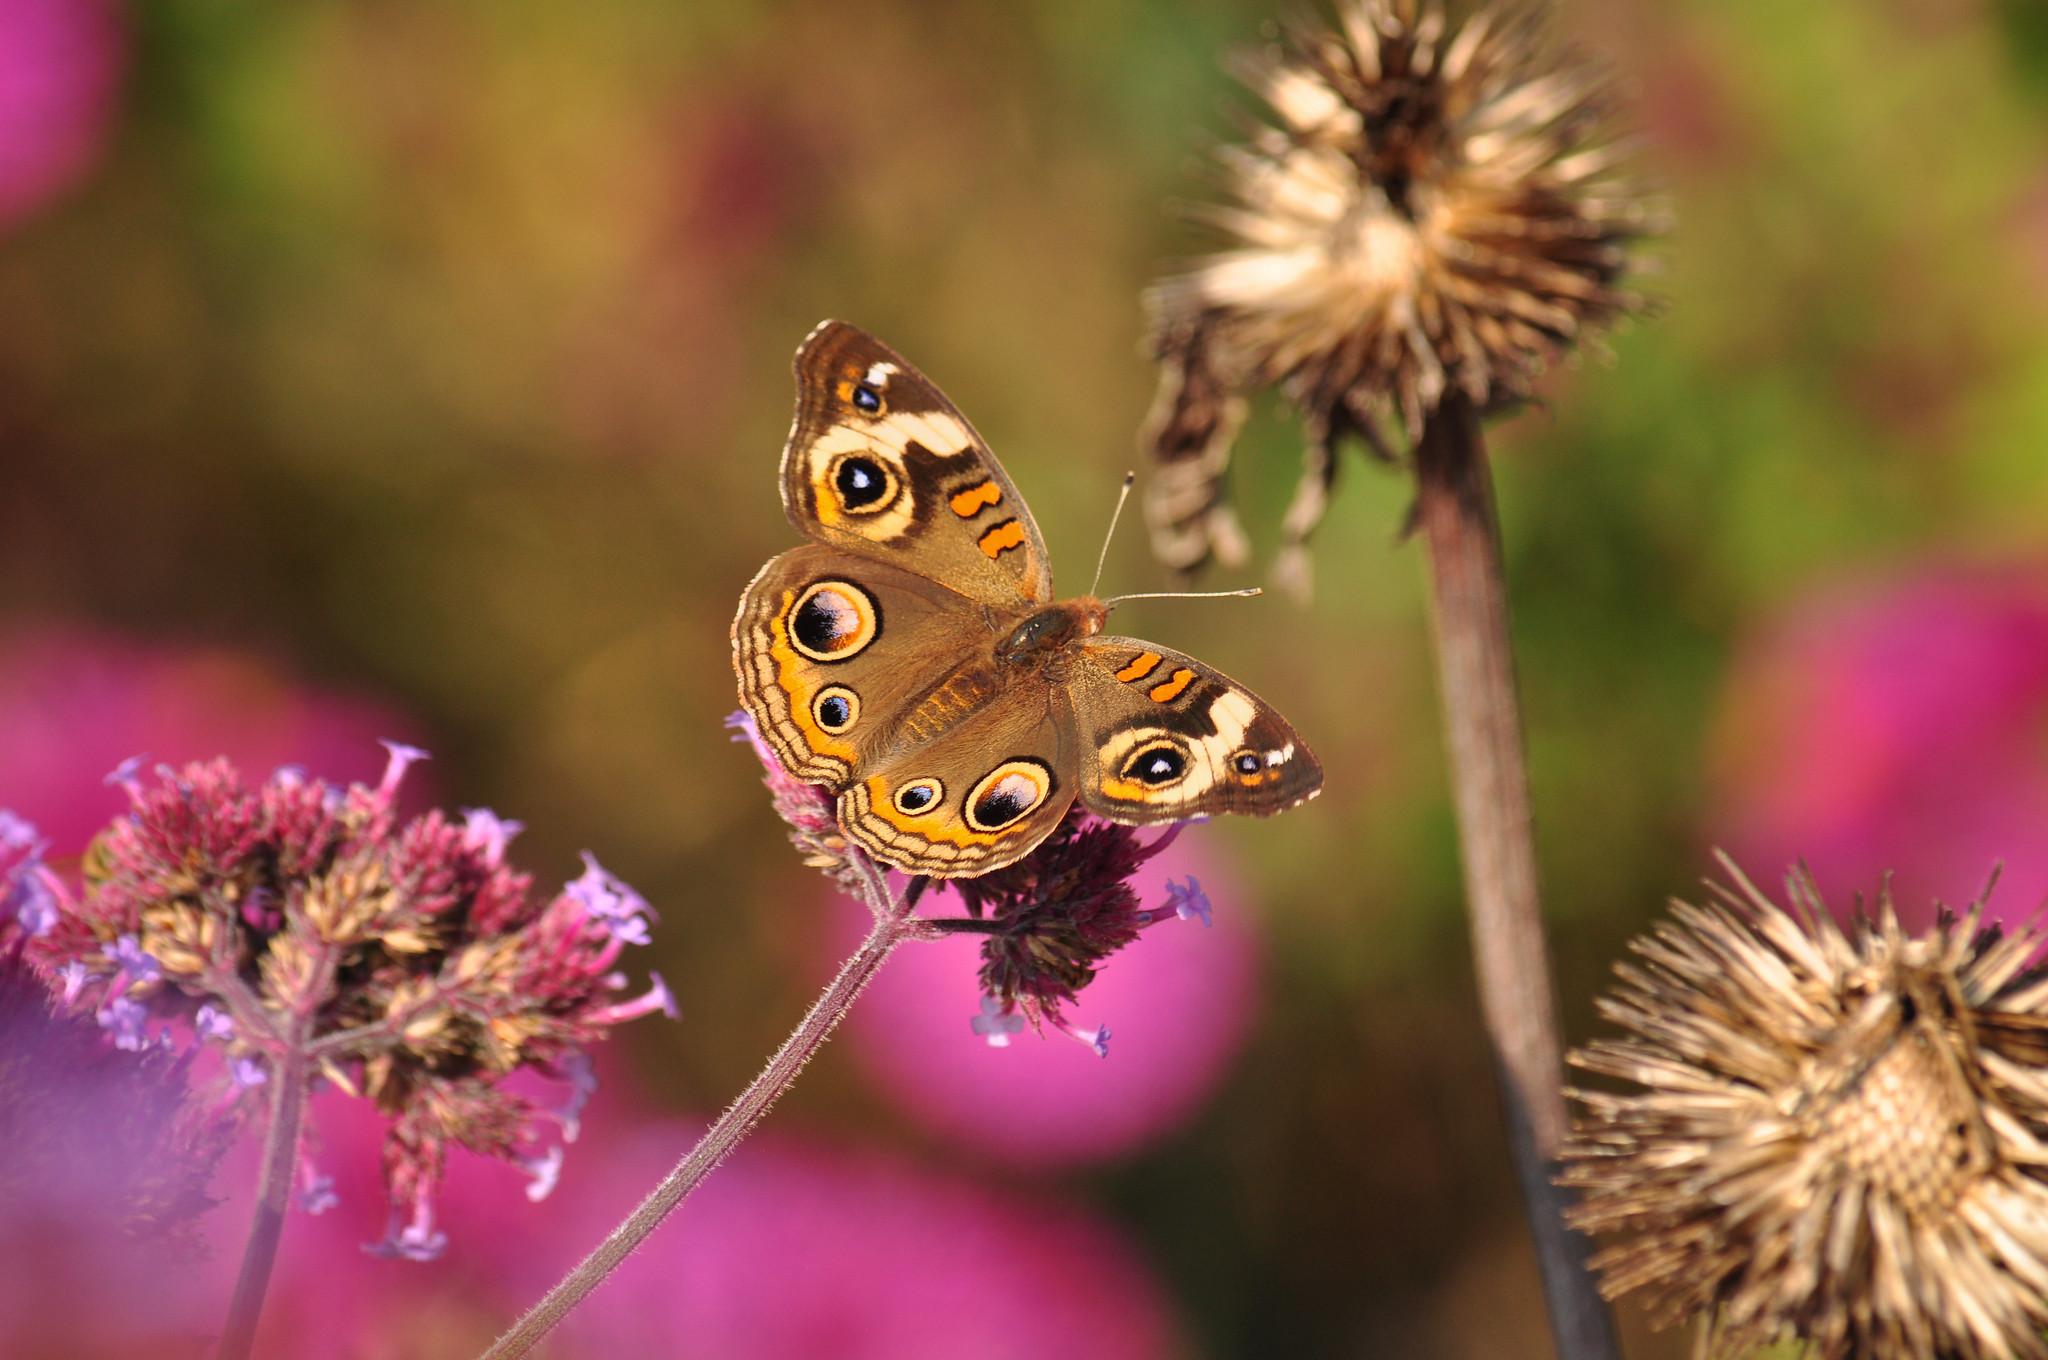 buckeye butterfly on a flower